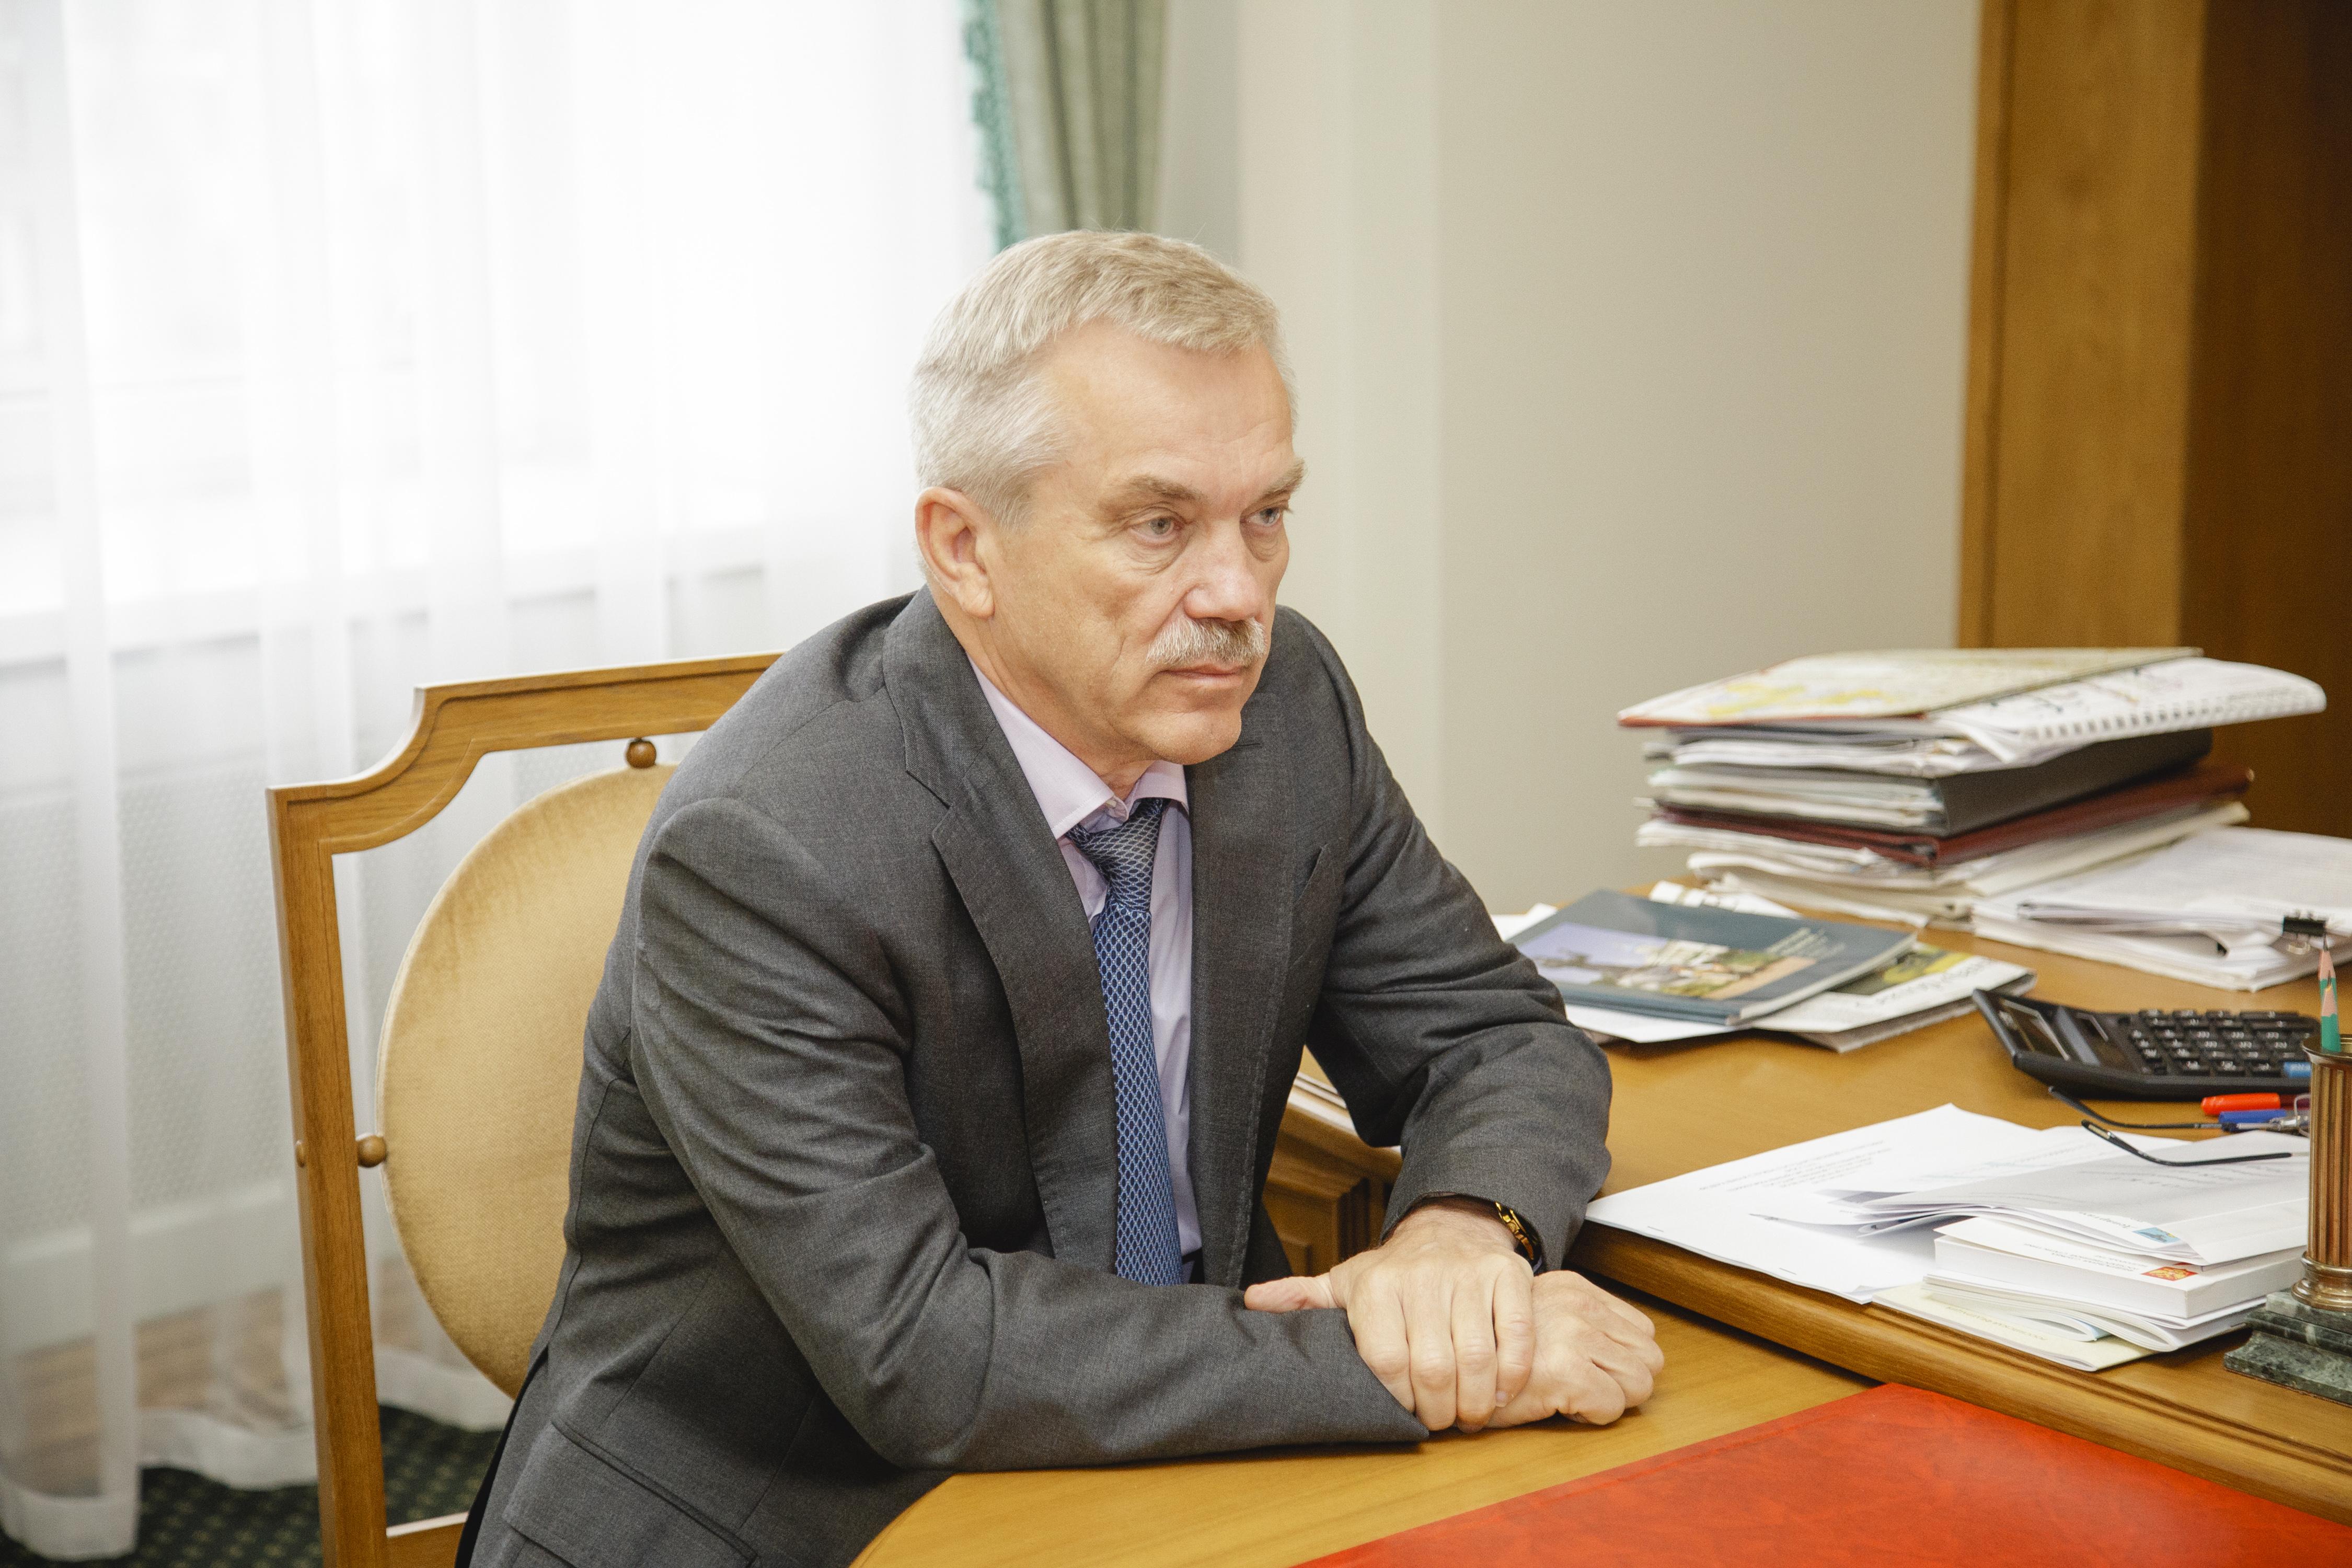 Сбербанк планирует инвестировать 45 миллиардов рублей на новые проекты в Белгородской области*